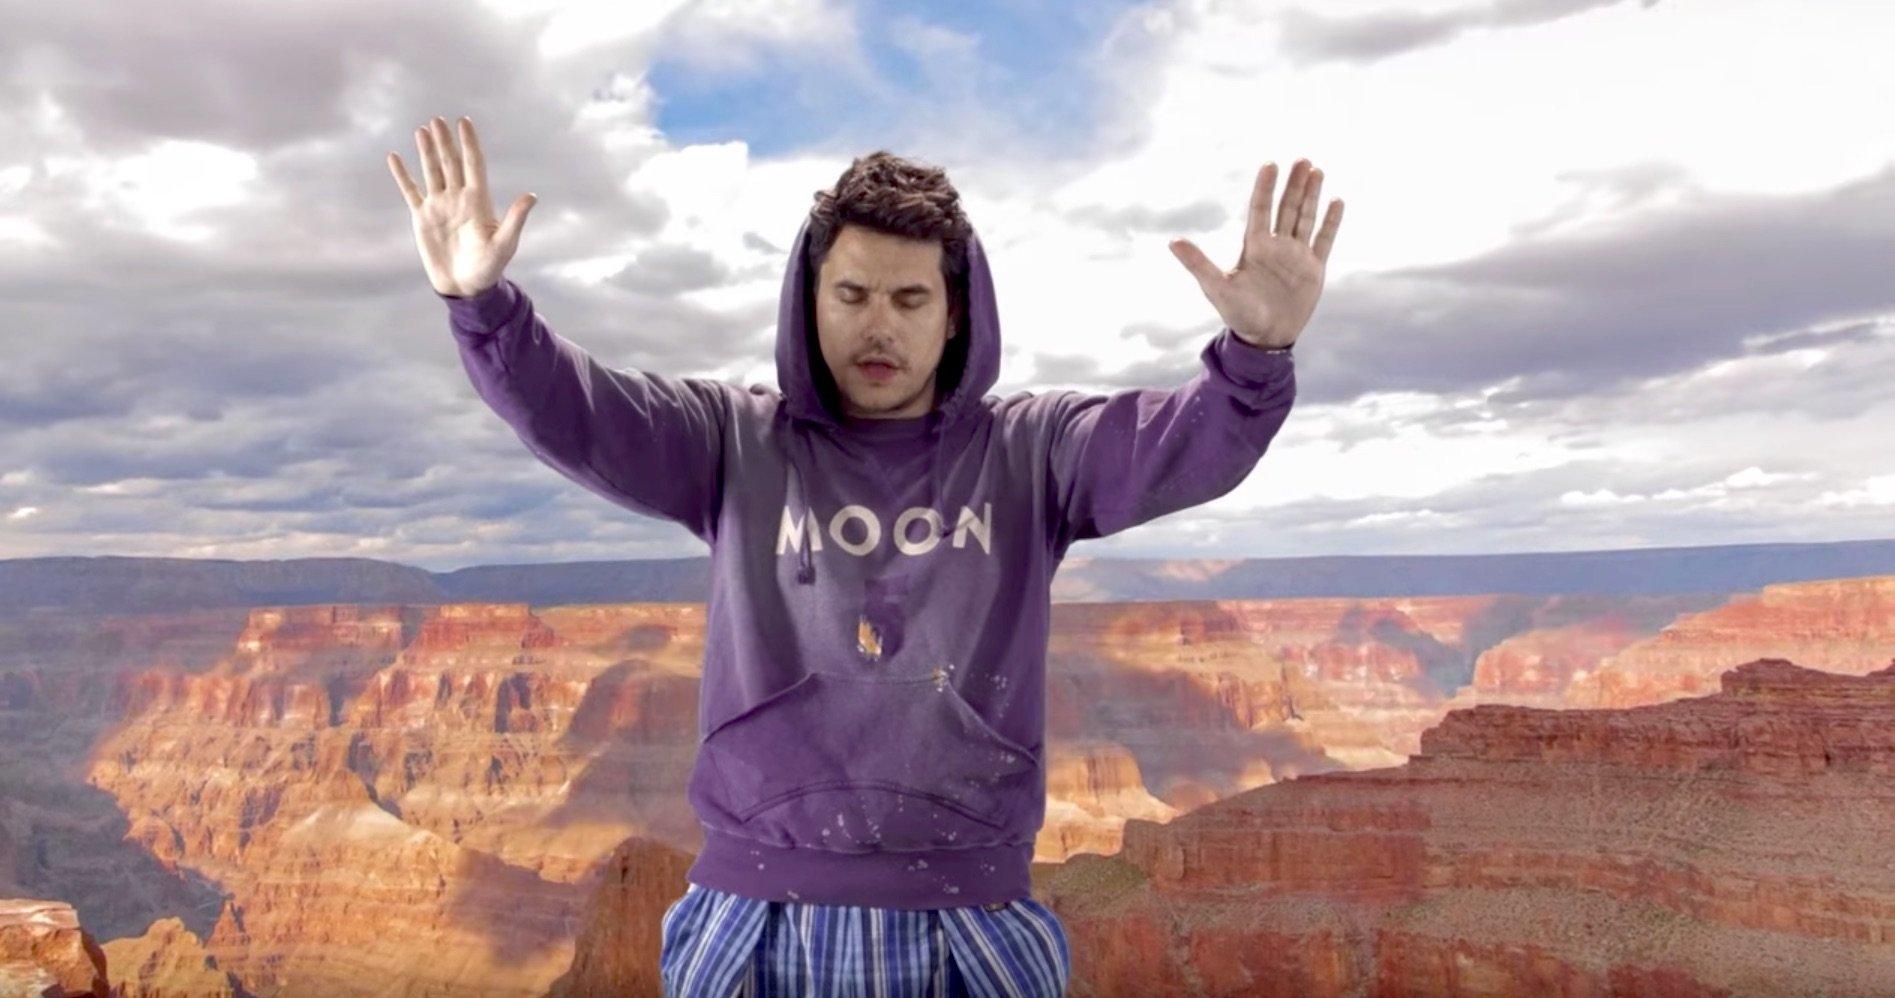 John Mayer's Weird New Low-Budget Video Is A Meme-Worthy